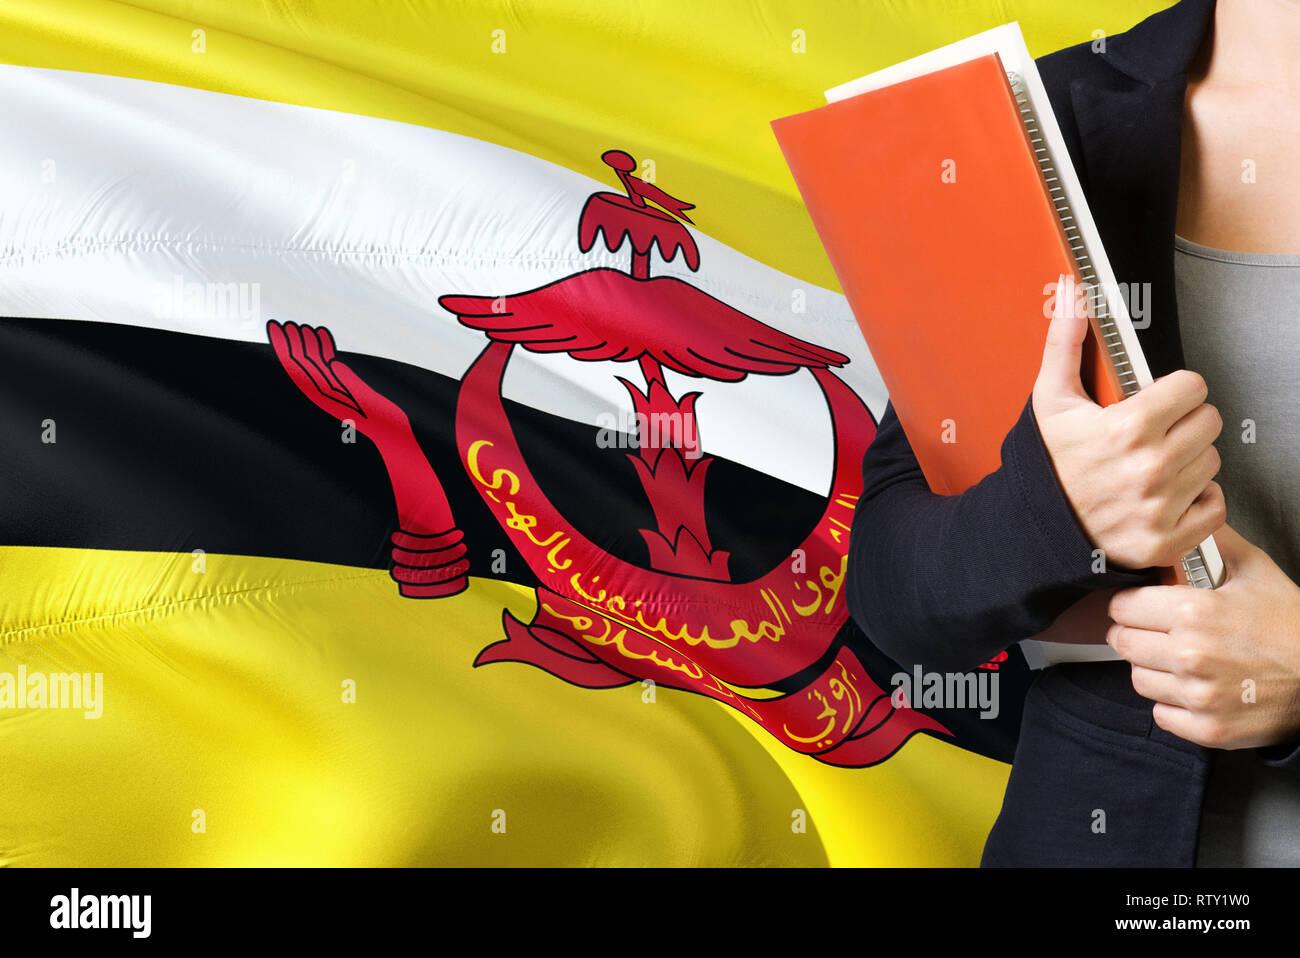 Apprendimento della lingua Bruneian concetto. Giovane donna in piedi con la bandiera del Brunei in background. Docente in possesso di libri, arancione sbozzato per la copertina del libro. Immagini Stock